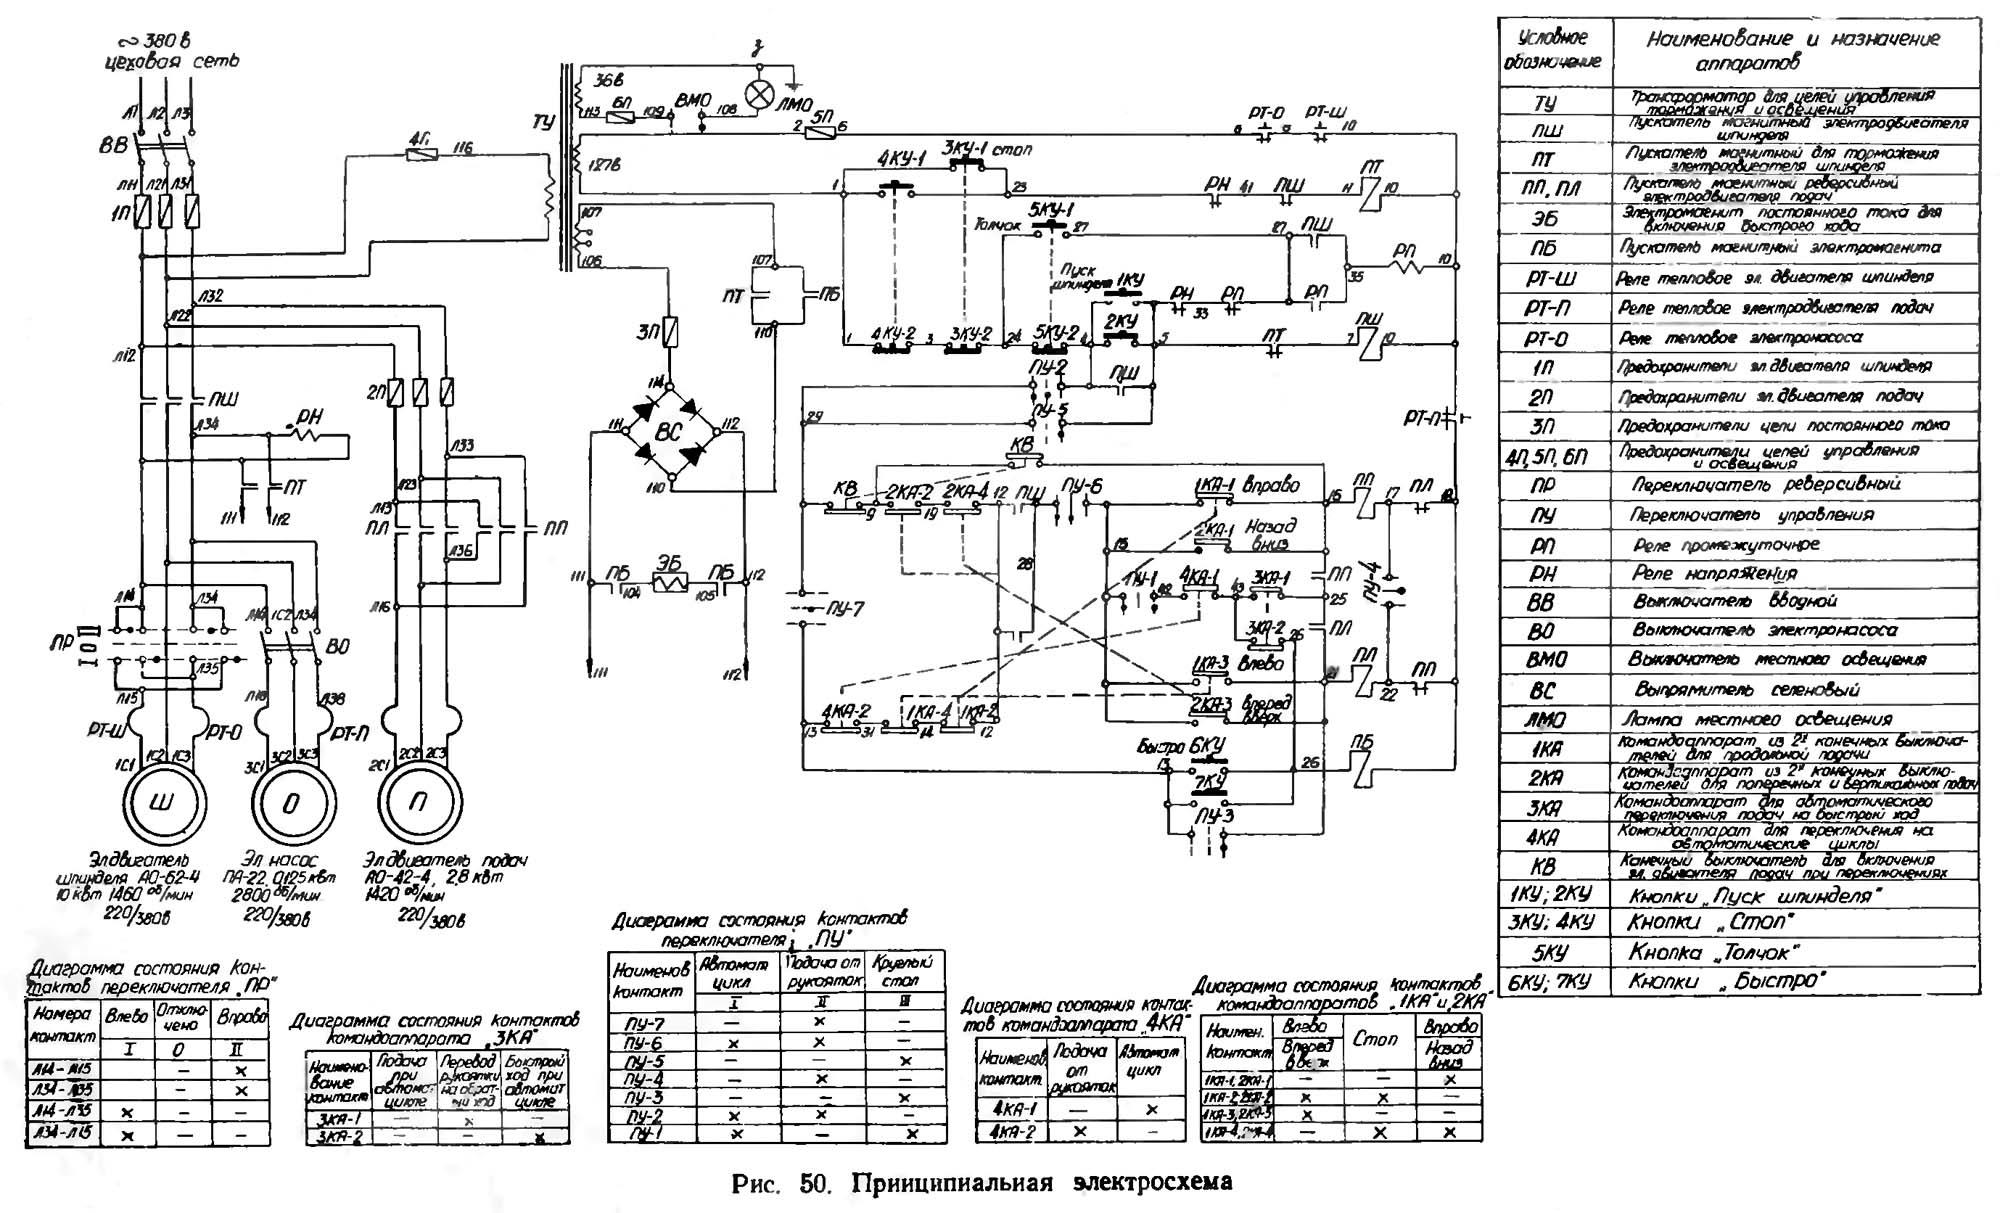 Схема электрическая фрезерного станка 6р82ш